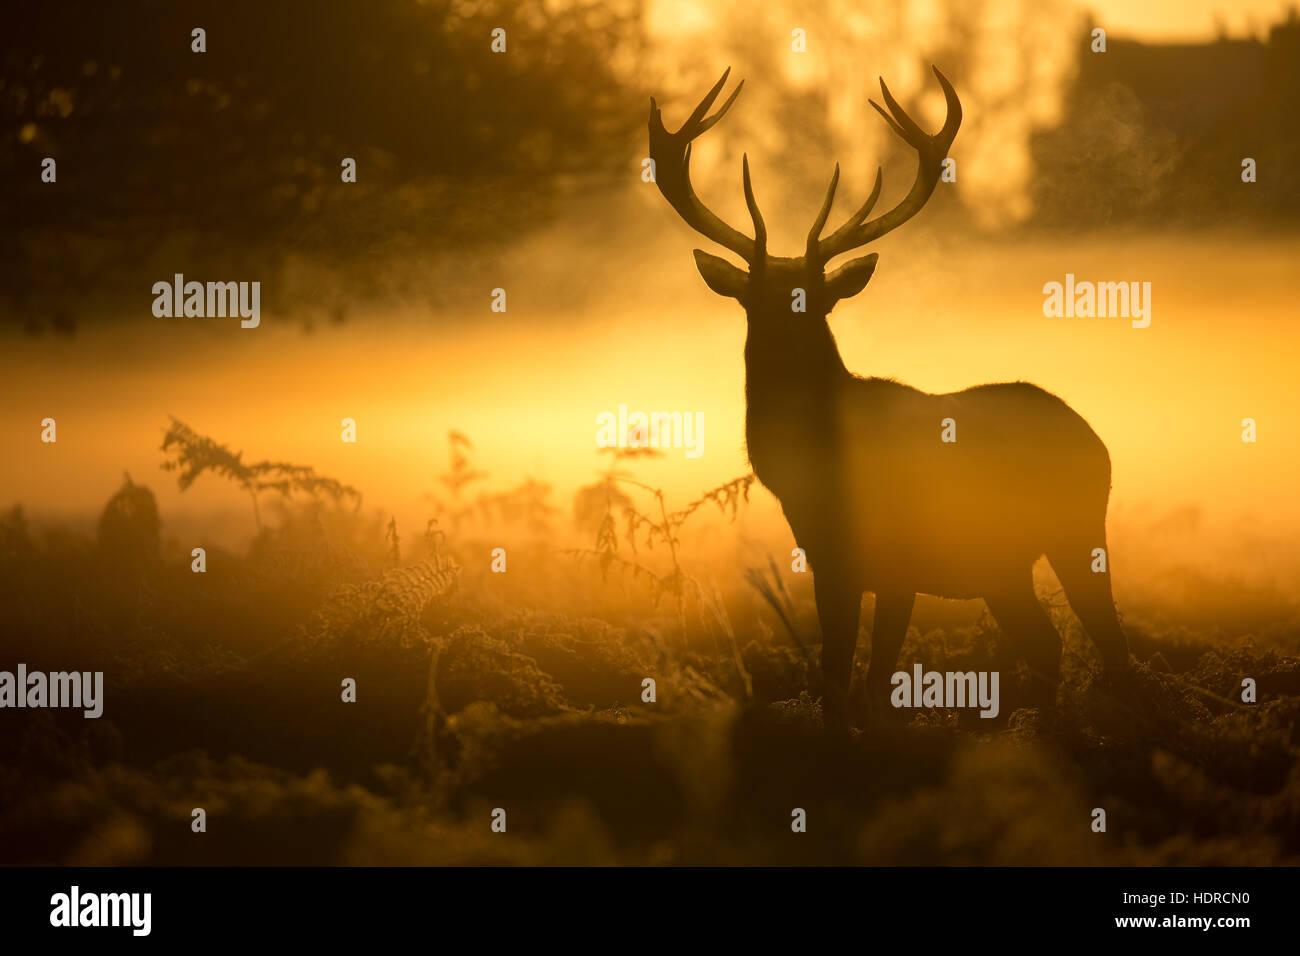 Une impressionnante silhouette de cerf par un glorieux golden sunrise Bushy Park Photo Stock